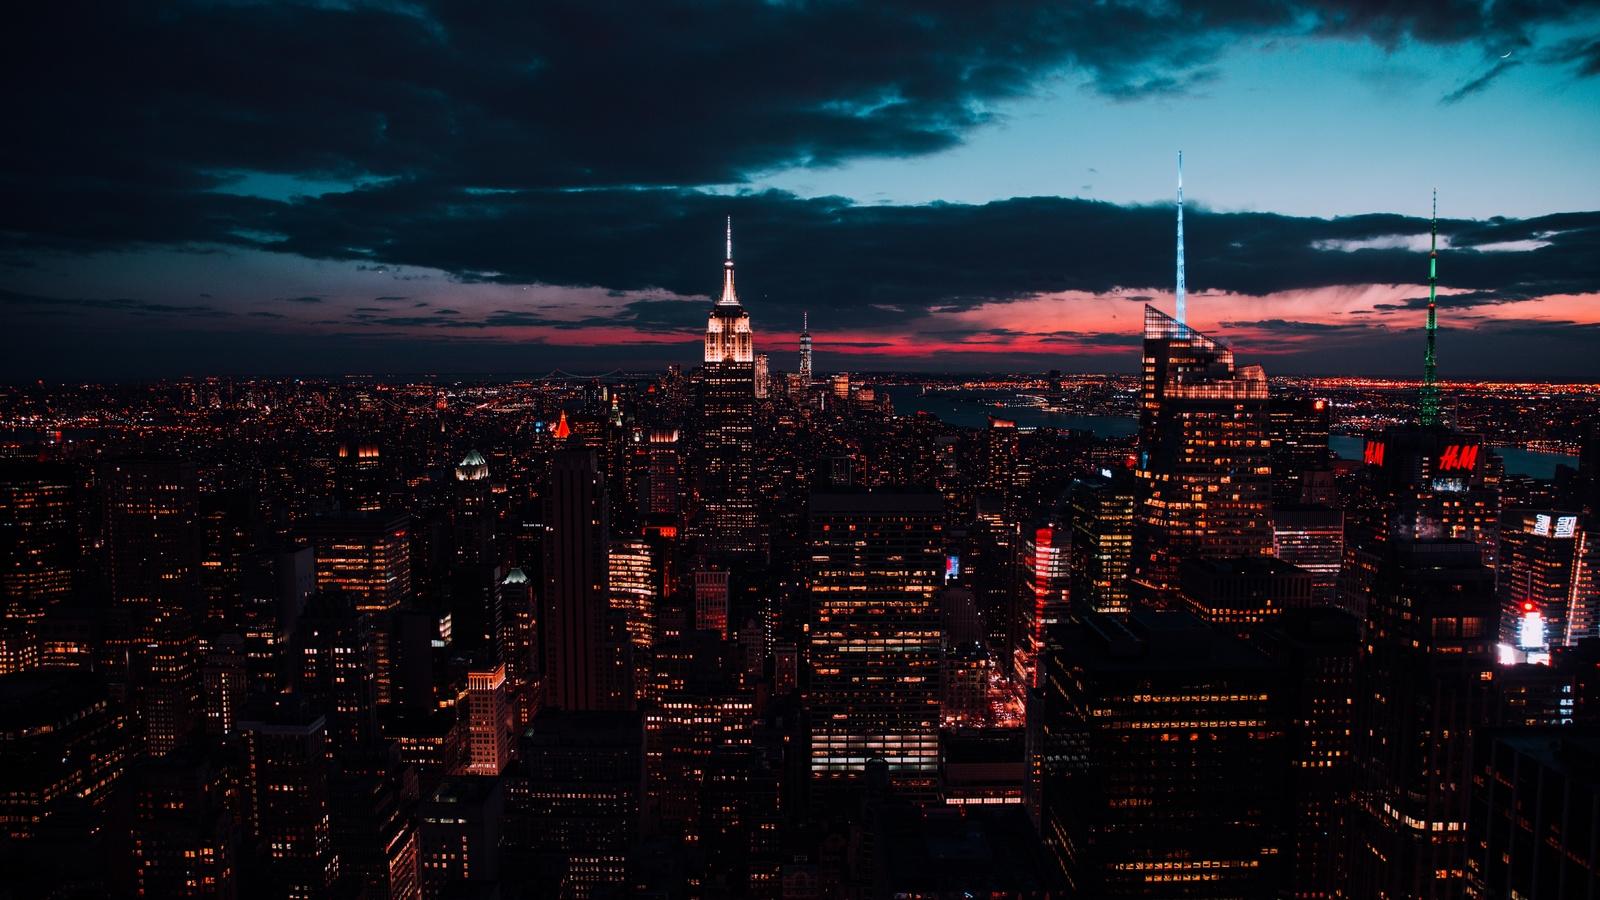 вечер, тучи, небоскрёбы, город